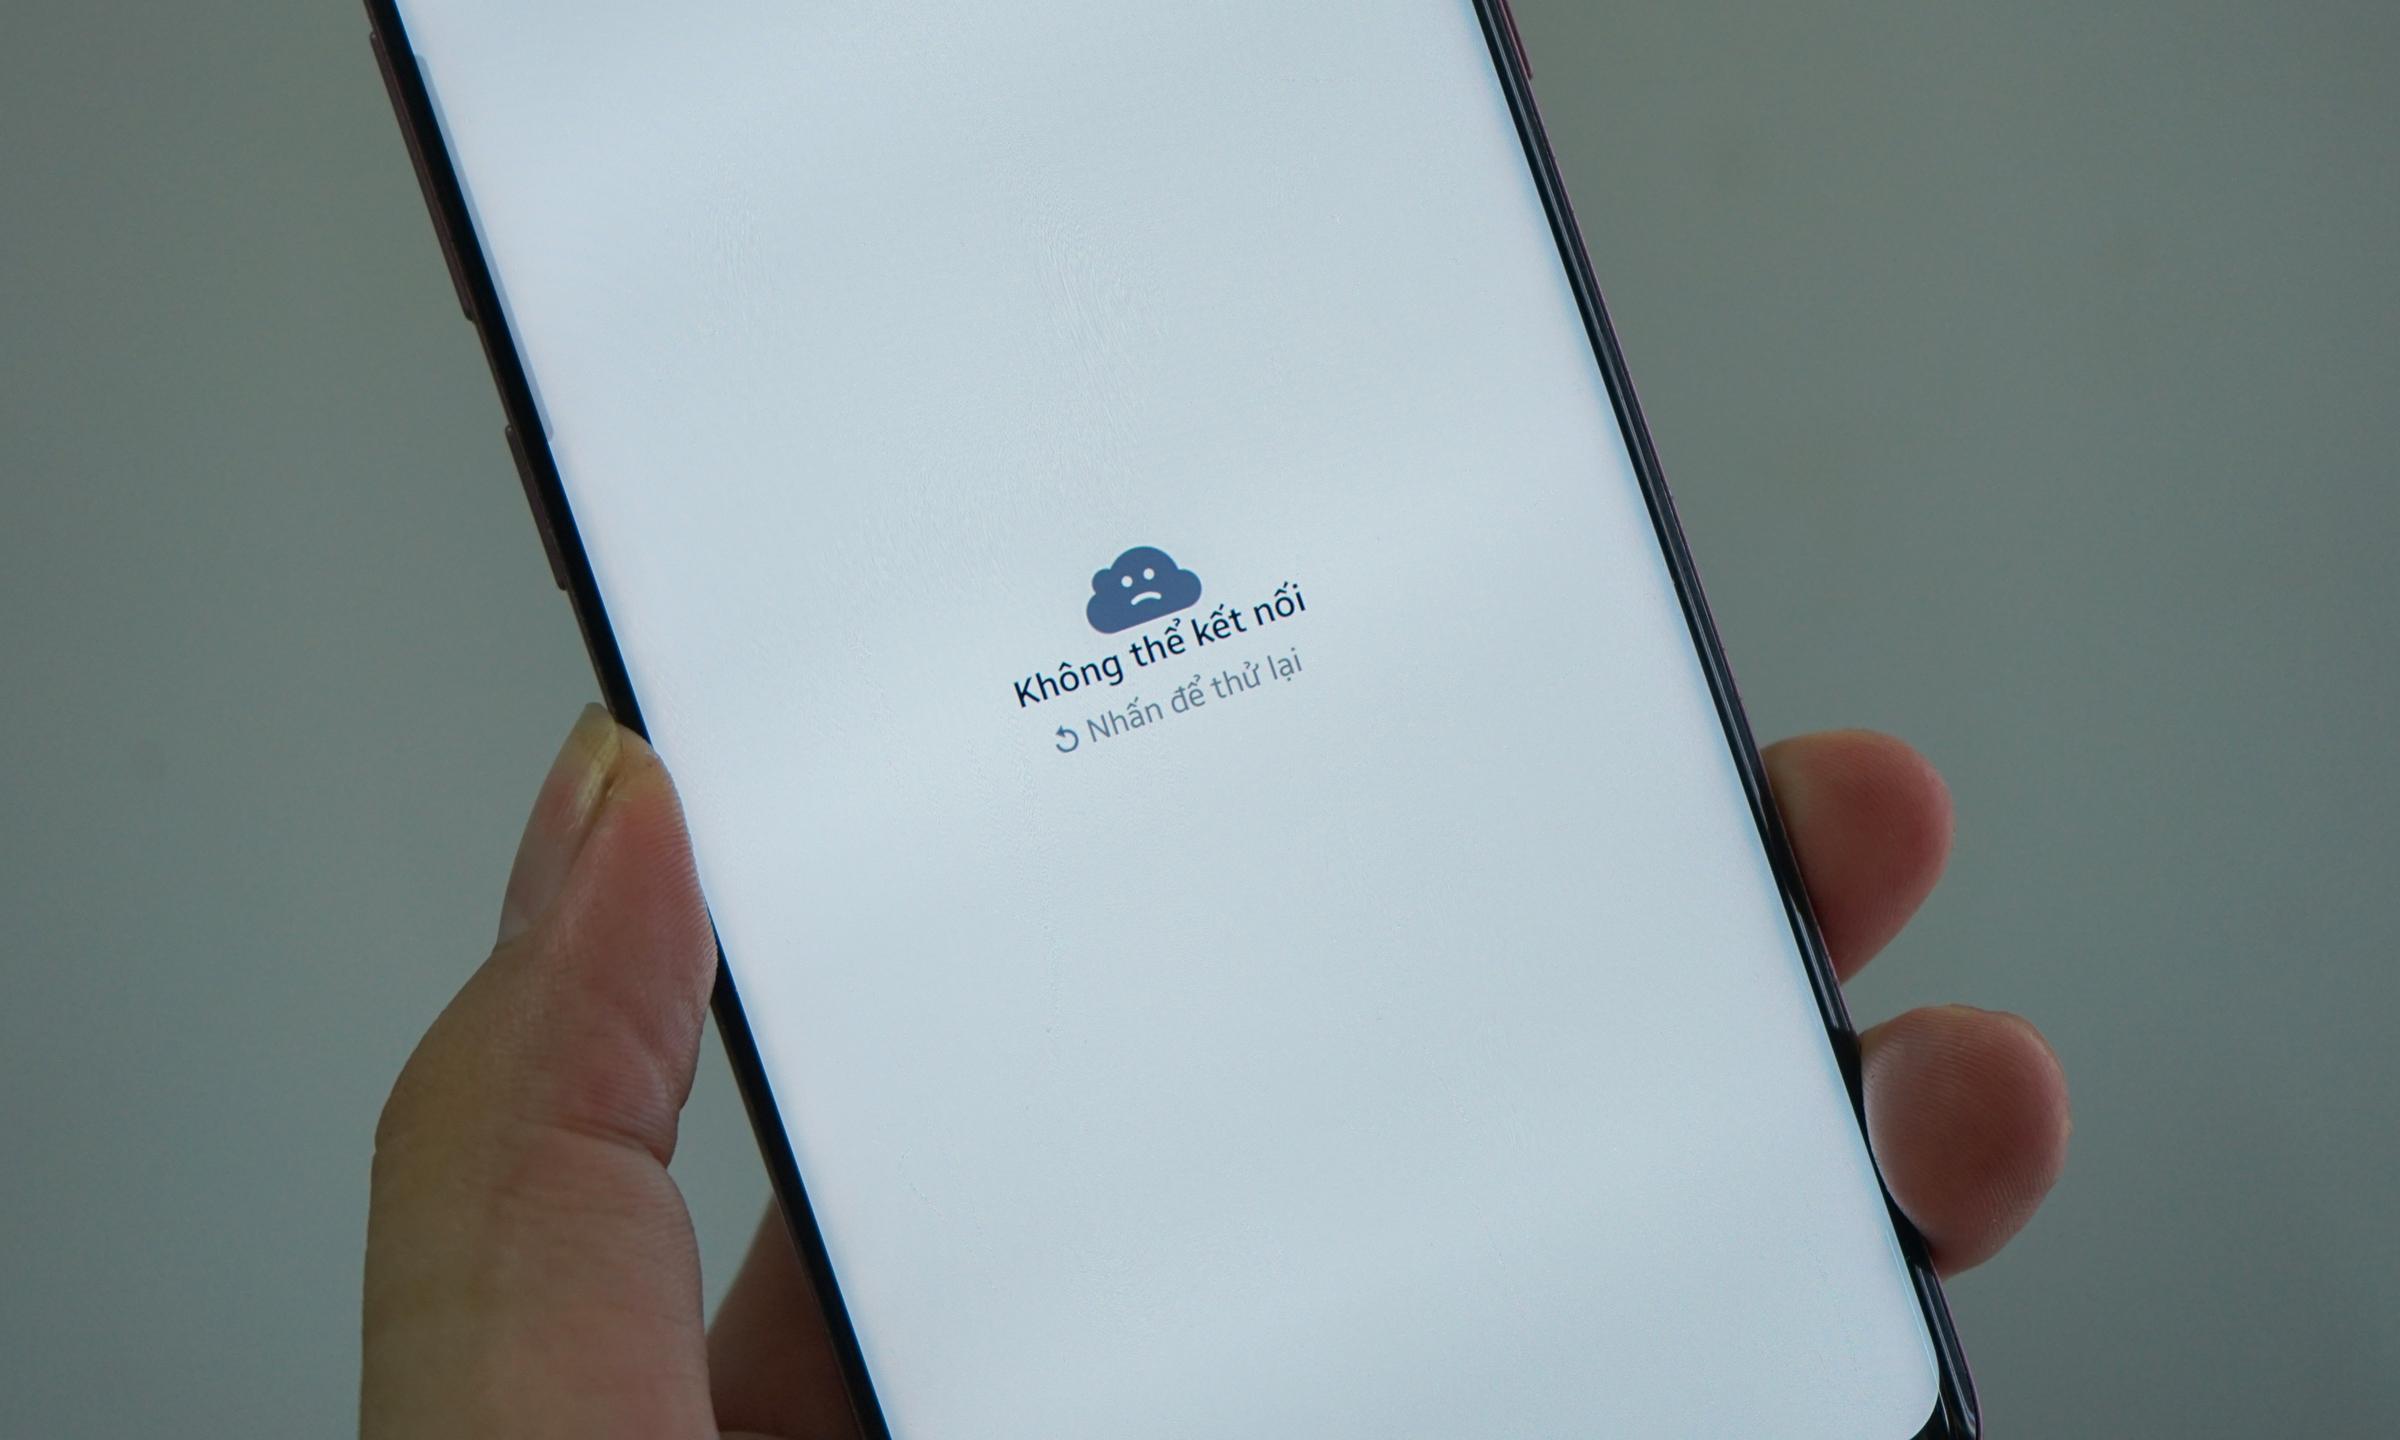 Thông báo Facebook khi nhấp vào bài đăng có nhiều hình ảnh trên điện thoại Android. Ảnh: Bảo Lâm.